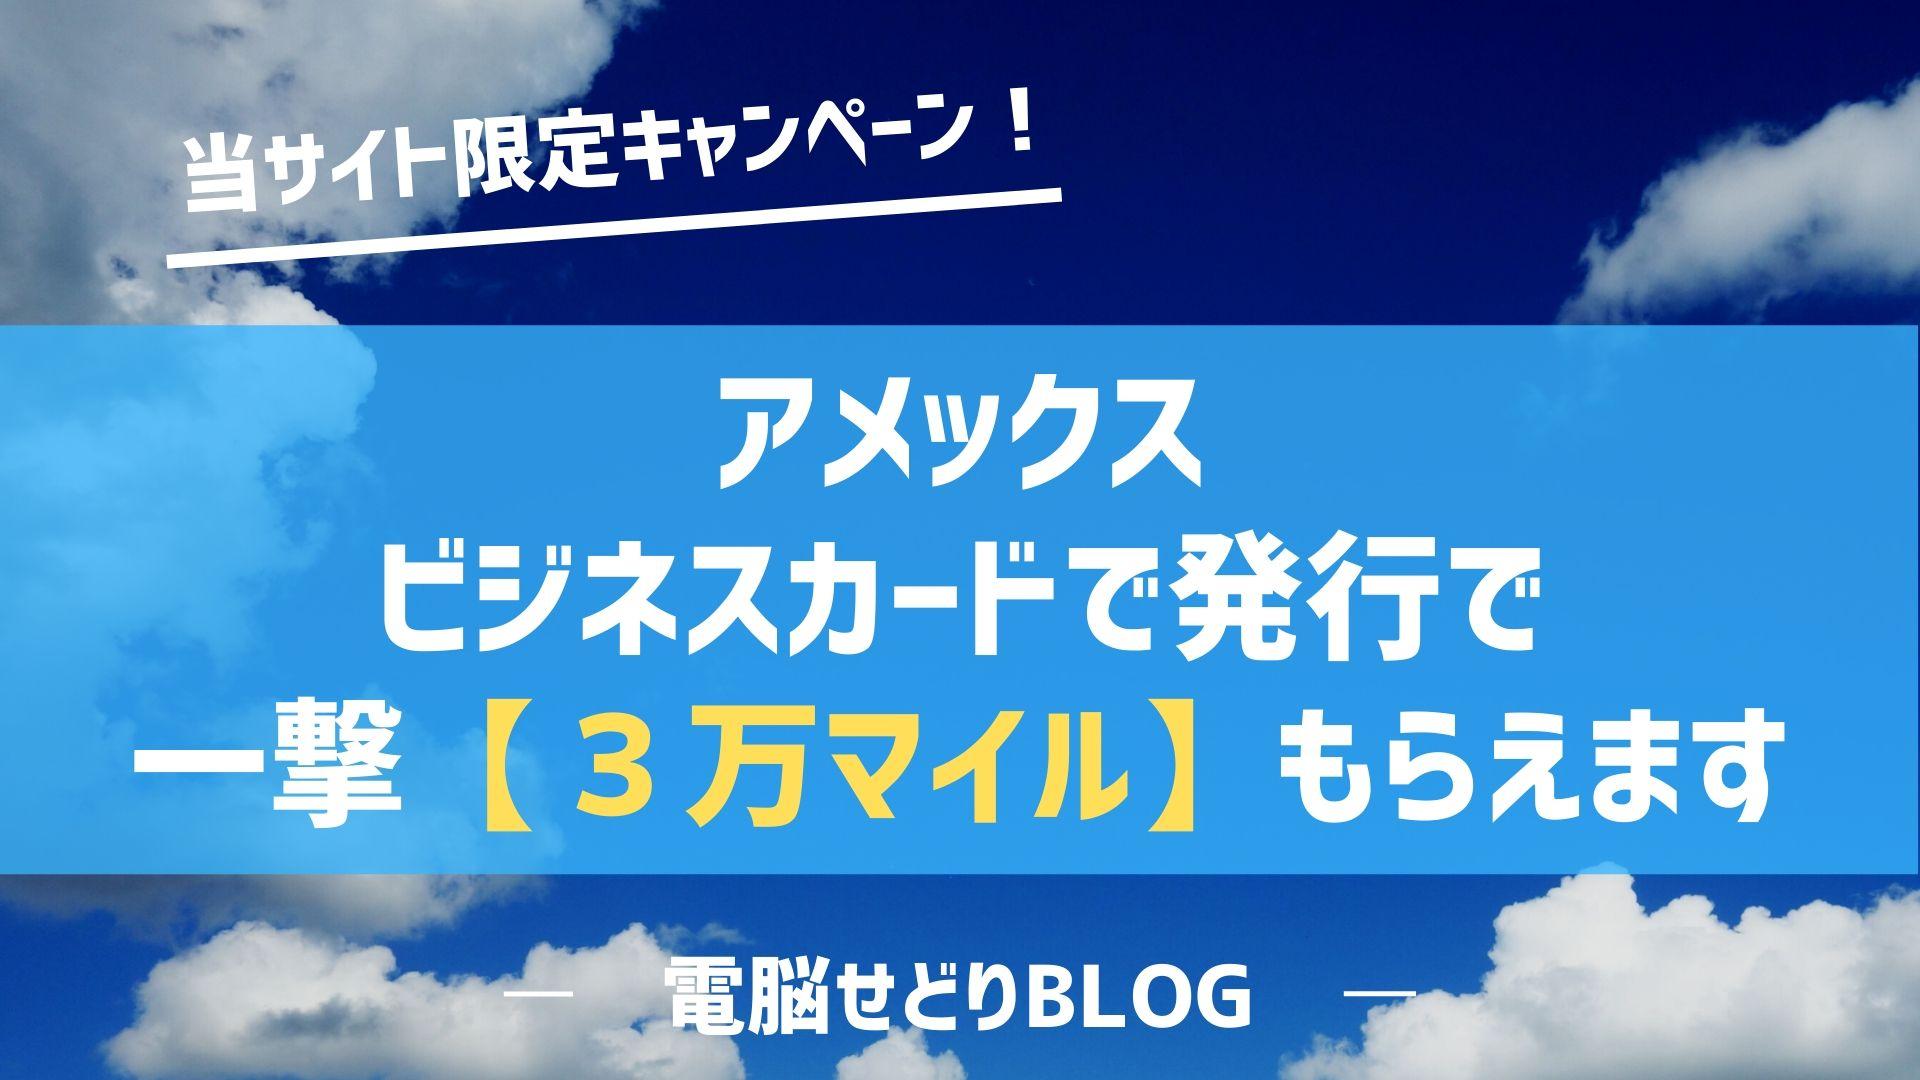 【当サイト限定】アメックス・ビジネスカード発行で3万ポイントがもらえるキャンペーンを開催中です!